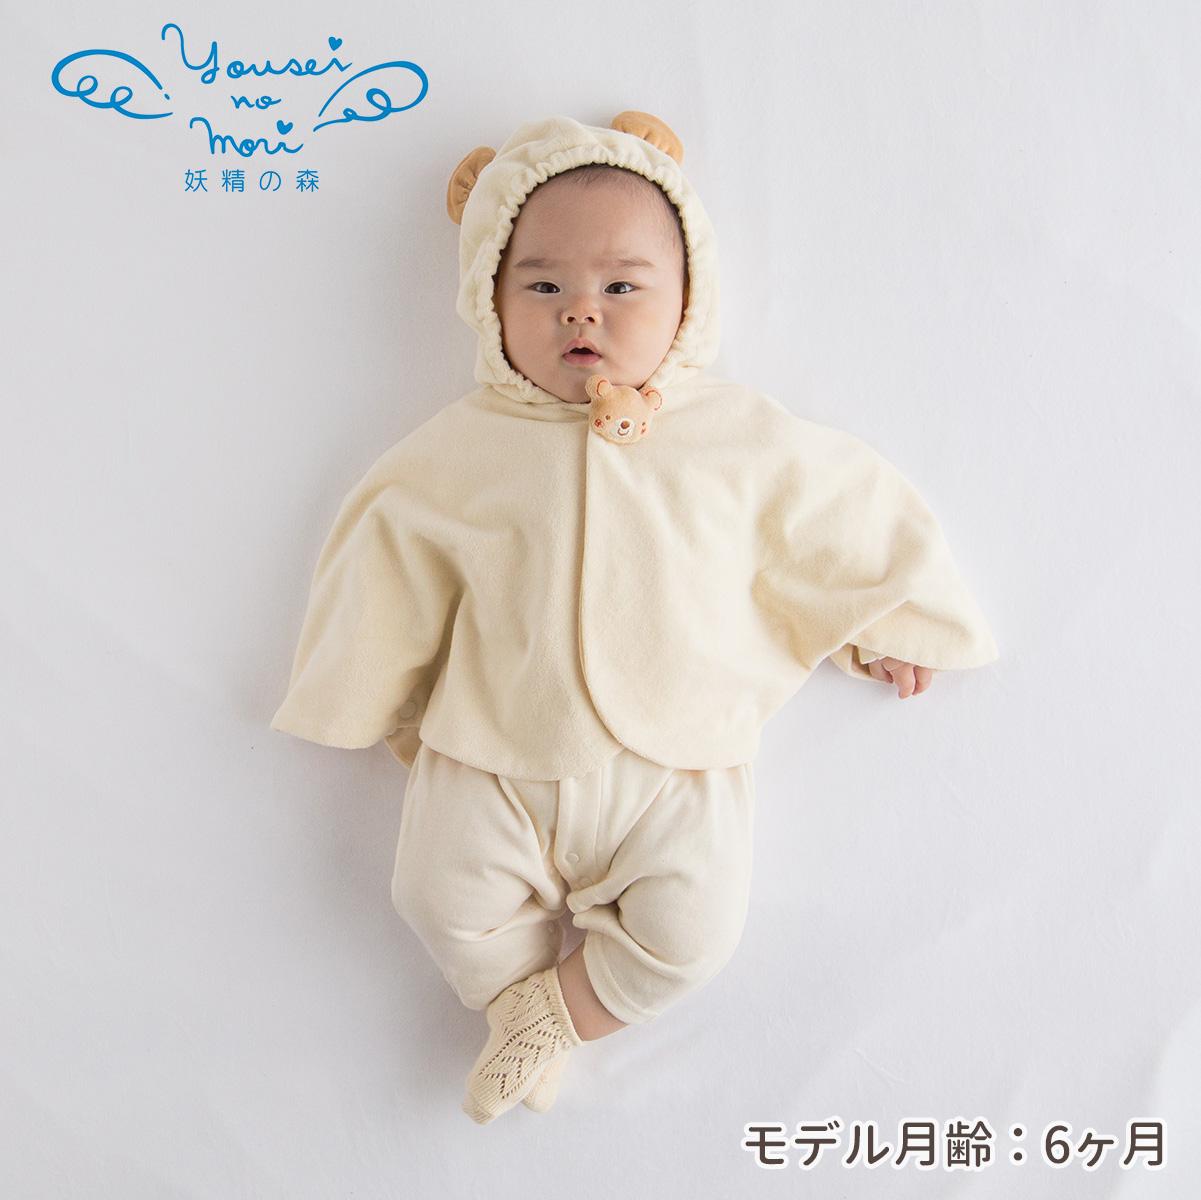 なりきりクマさんケープ YH219 (ベビー服)